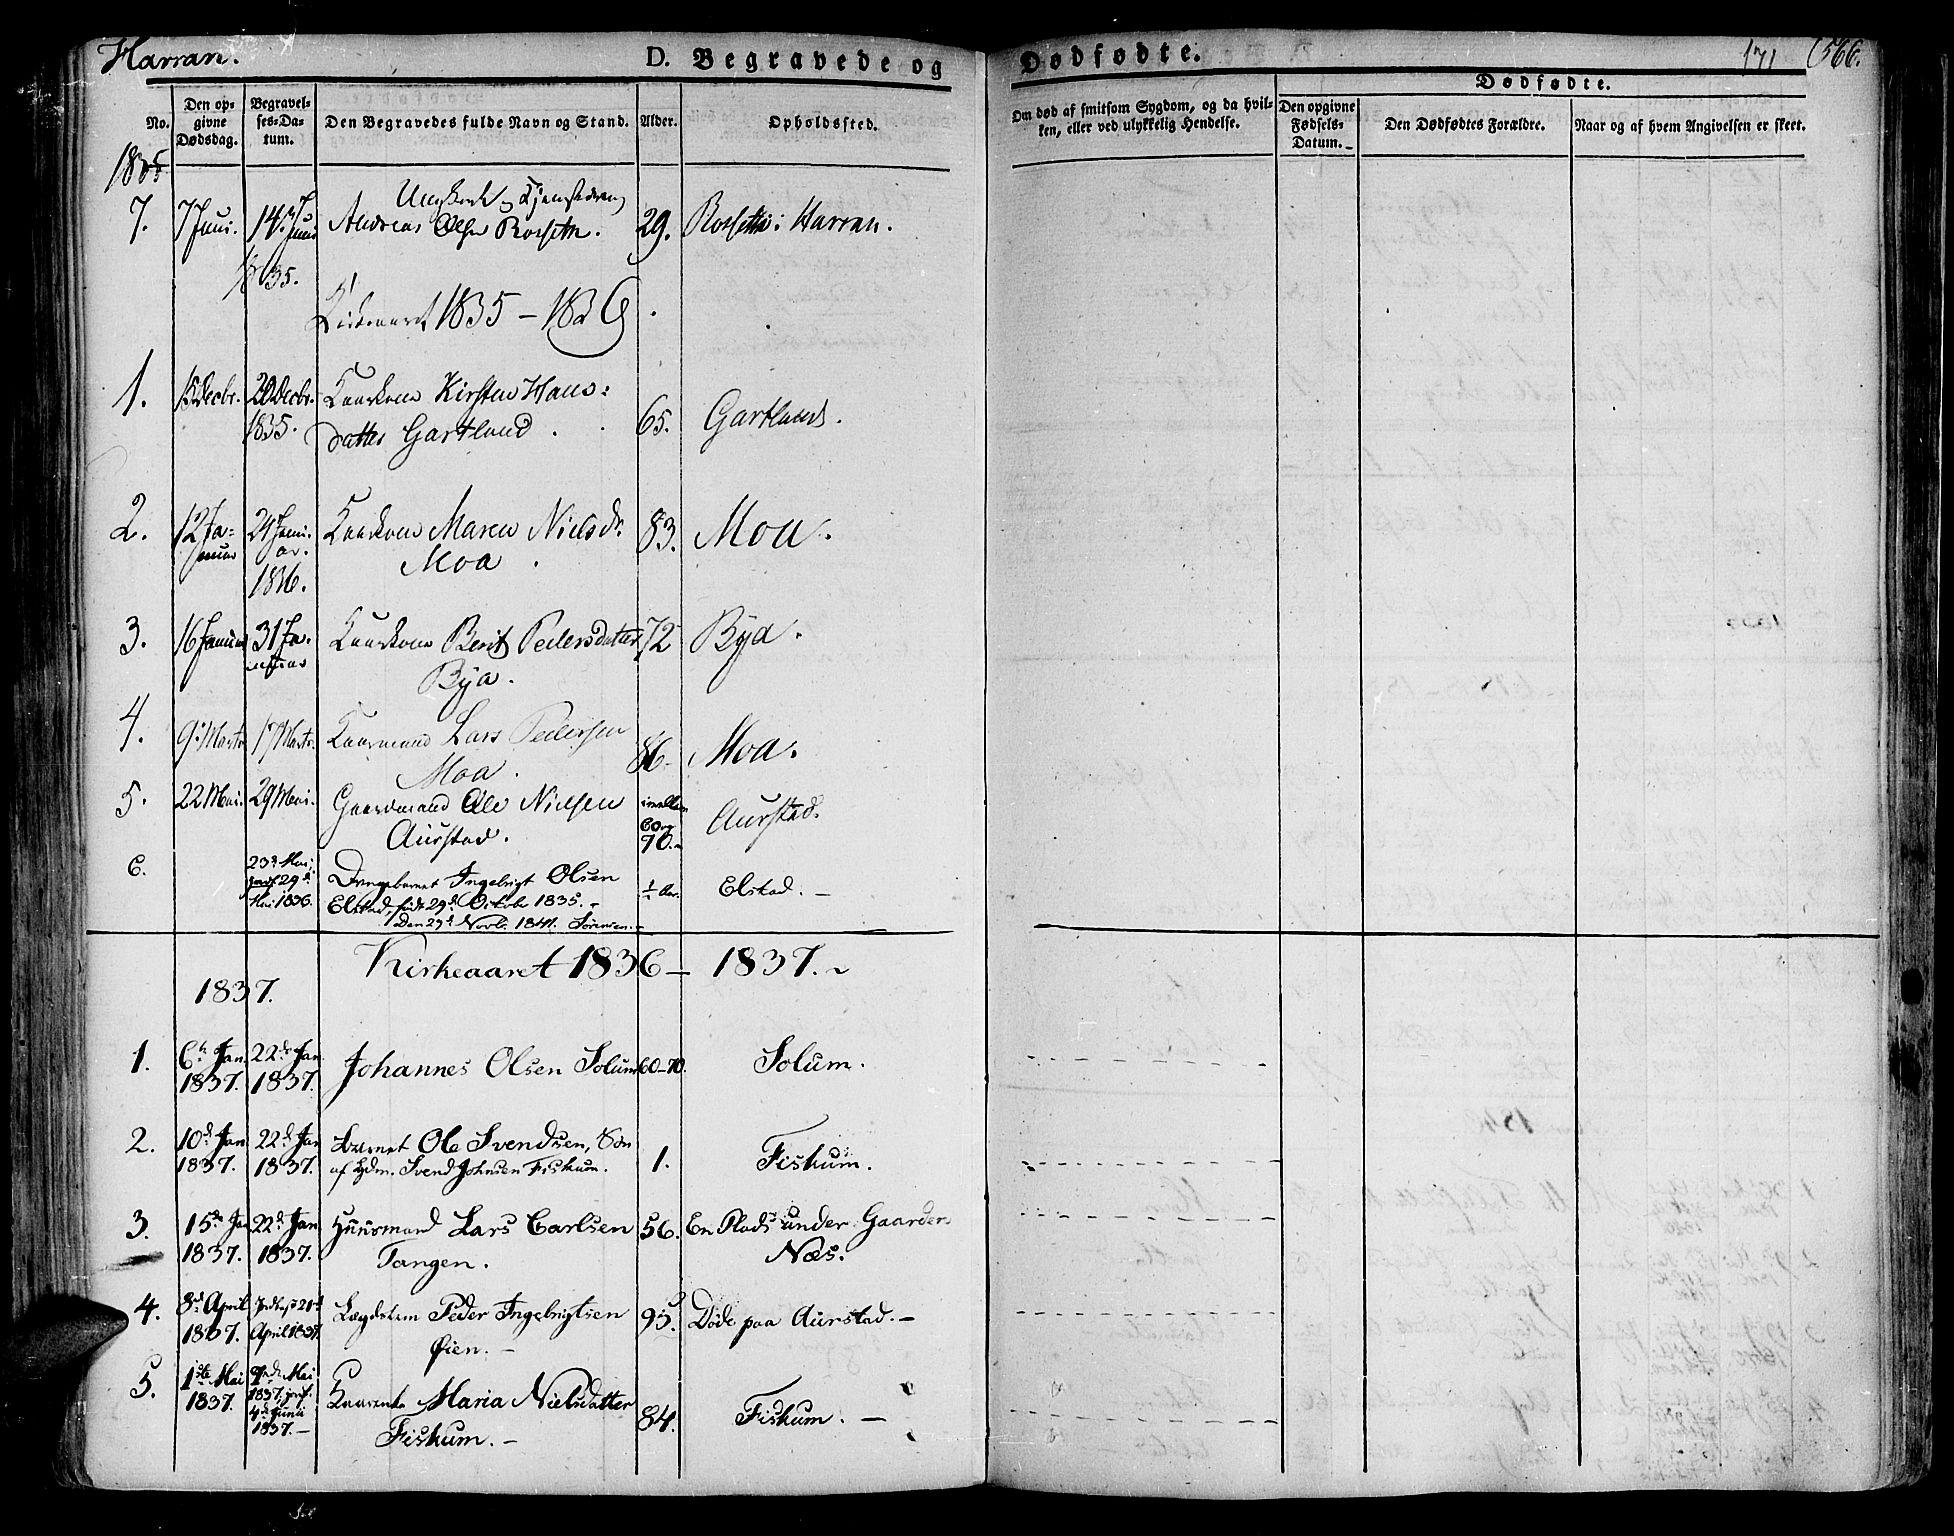 SAT, Ministerialprotokoller, klokkerbøker og fødselsregistre - Nord-Trøndelag, 758/L0510: Ministerialbok nr. 758A01 /3, 1821-1841, s. 171